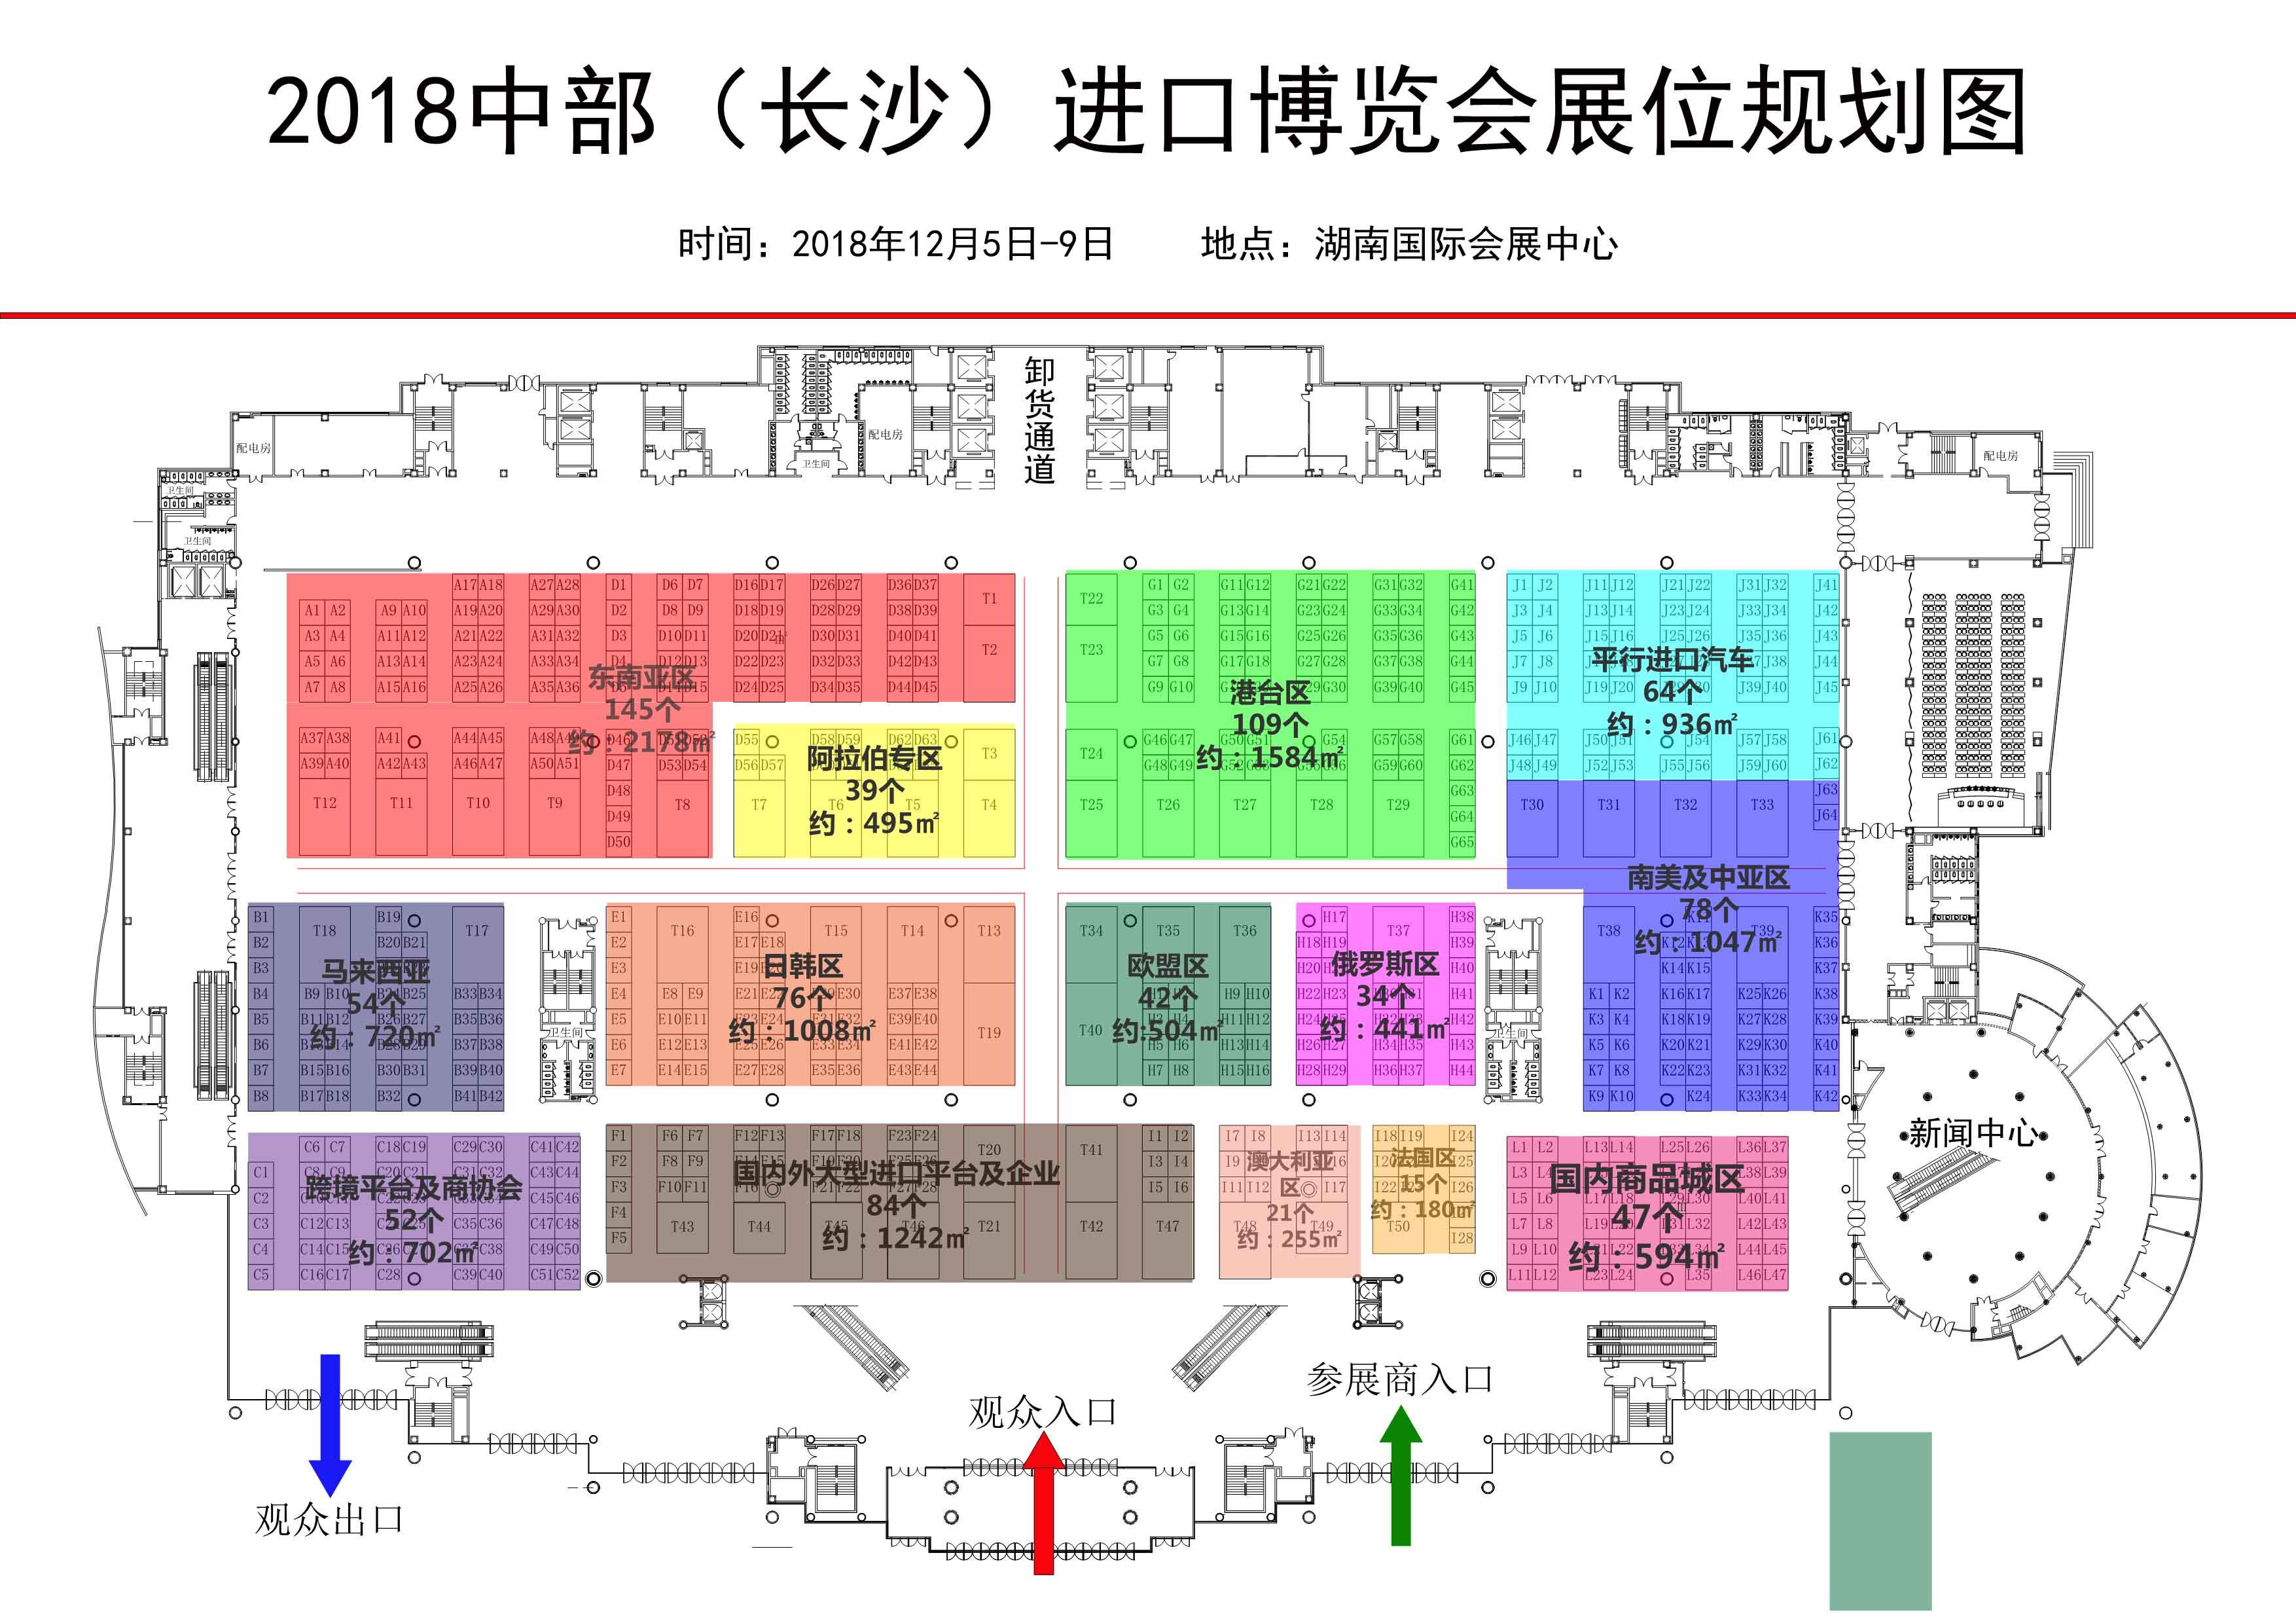 2018年中部长沙进博会展位图(高清)